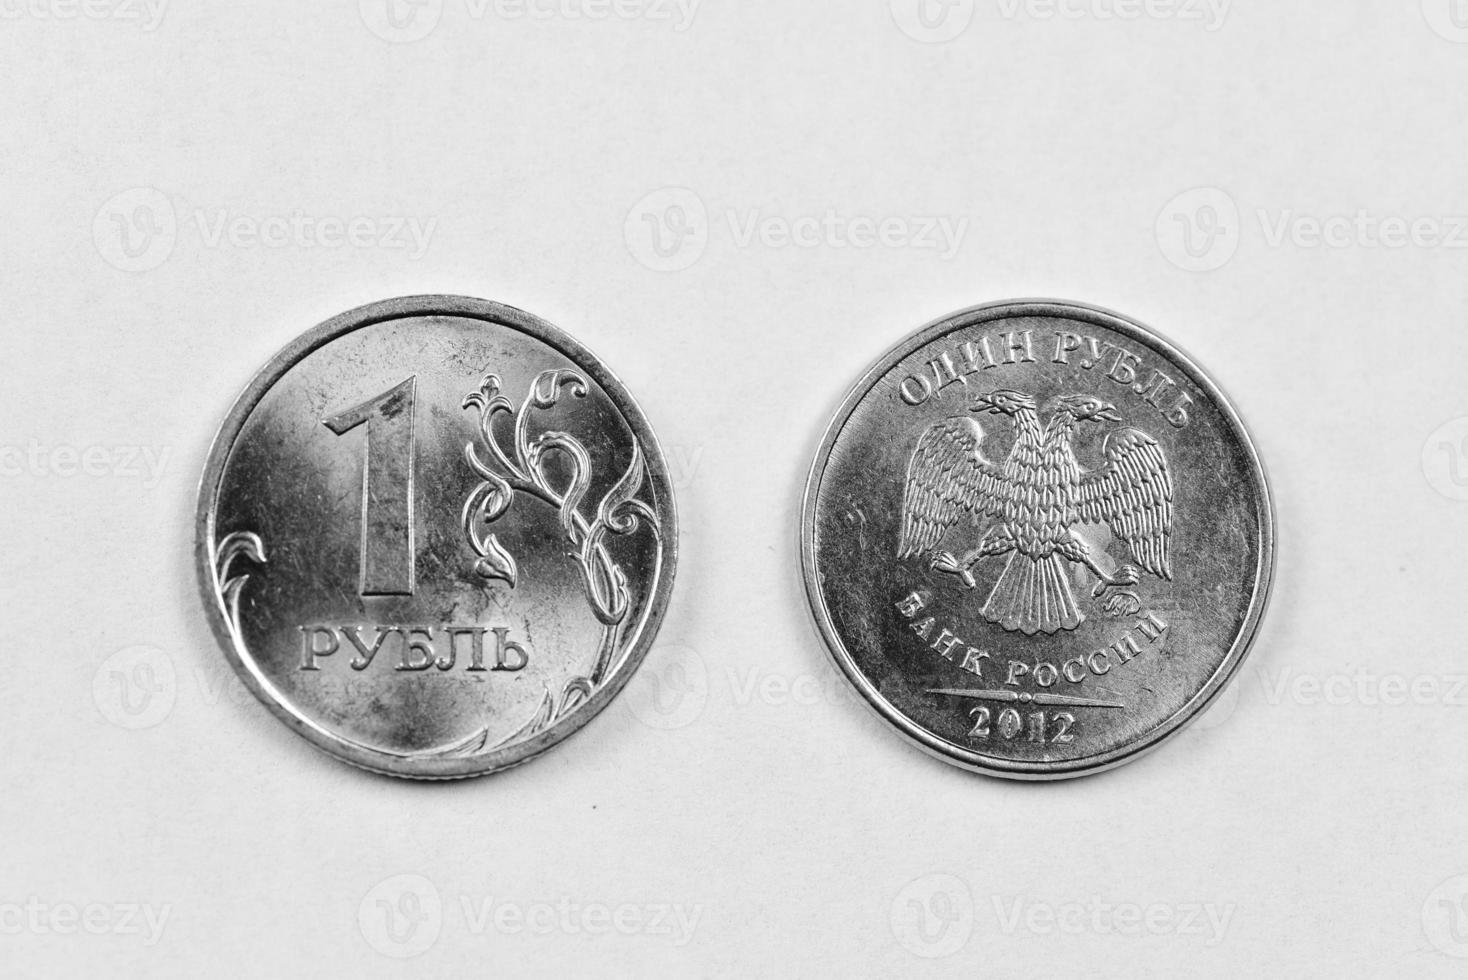 ryska mynt - 1 rubel foto